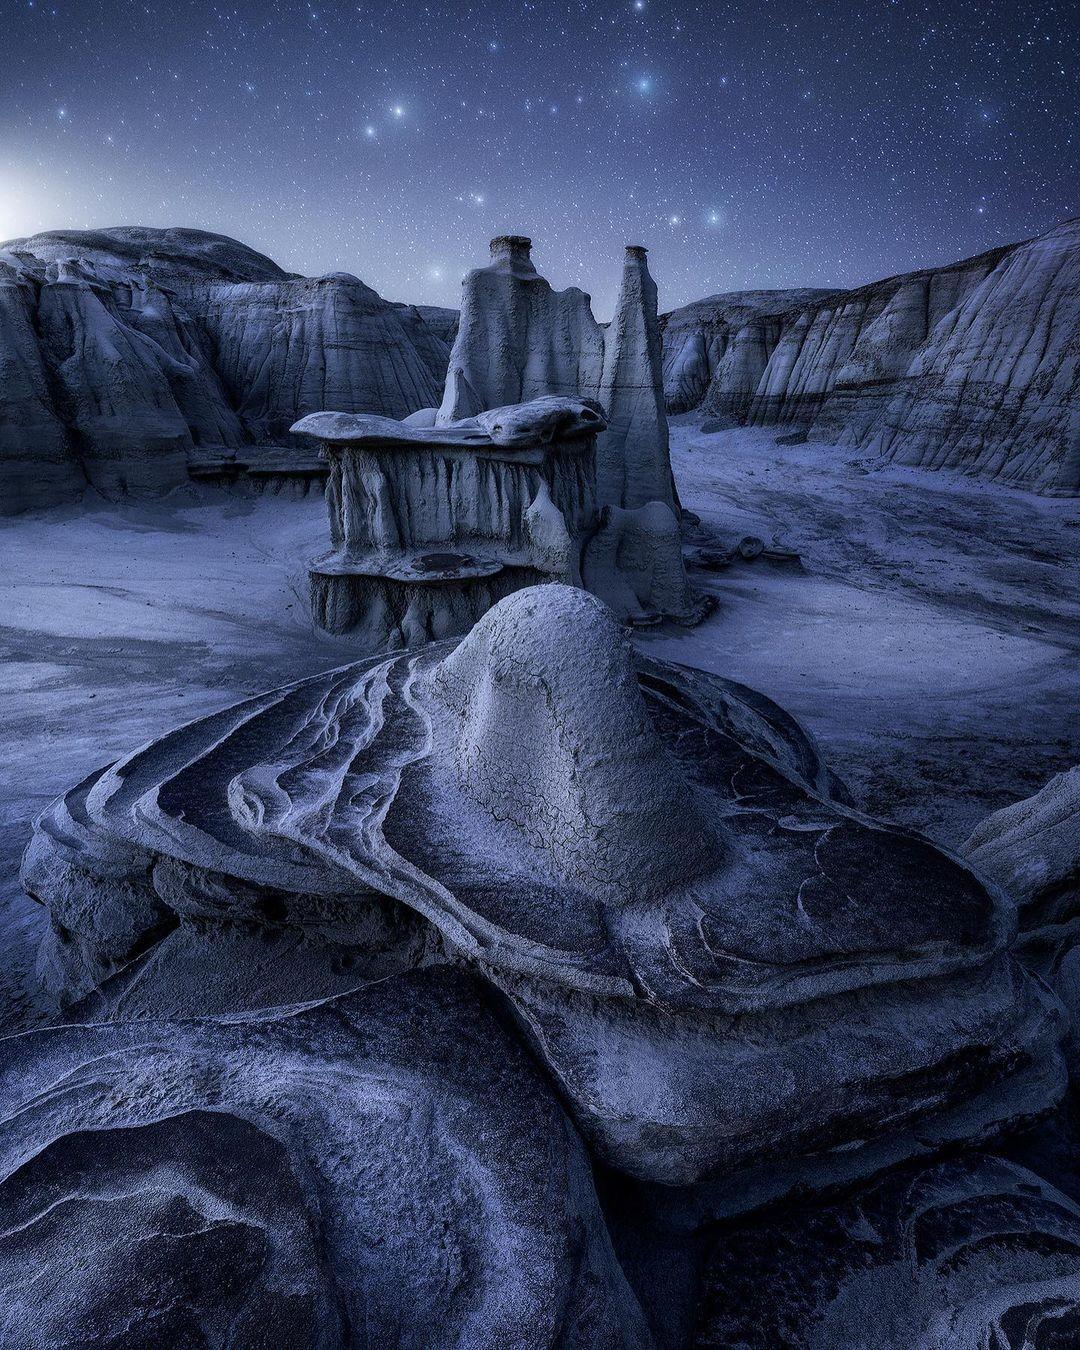 2 место в номинации «Пейзажный фотограф года» 2020. Бесплодные земли Нью-Мексико. Автор Джошуа Сноу